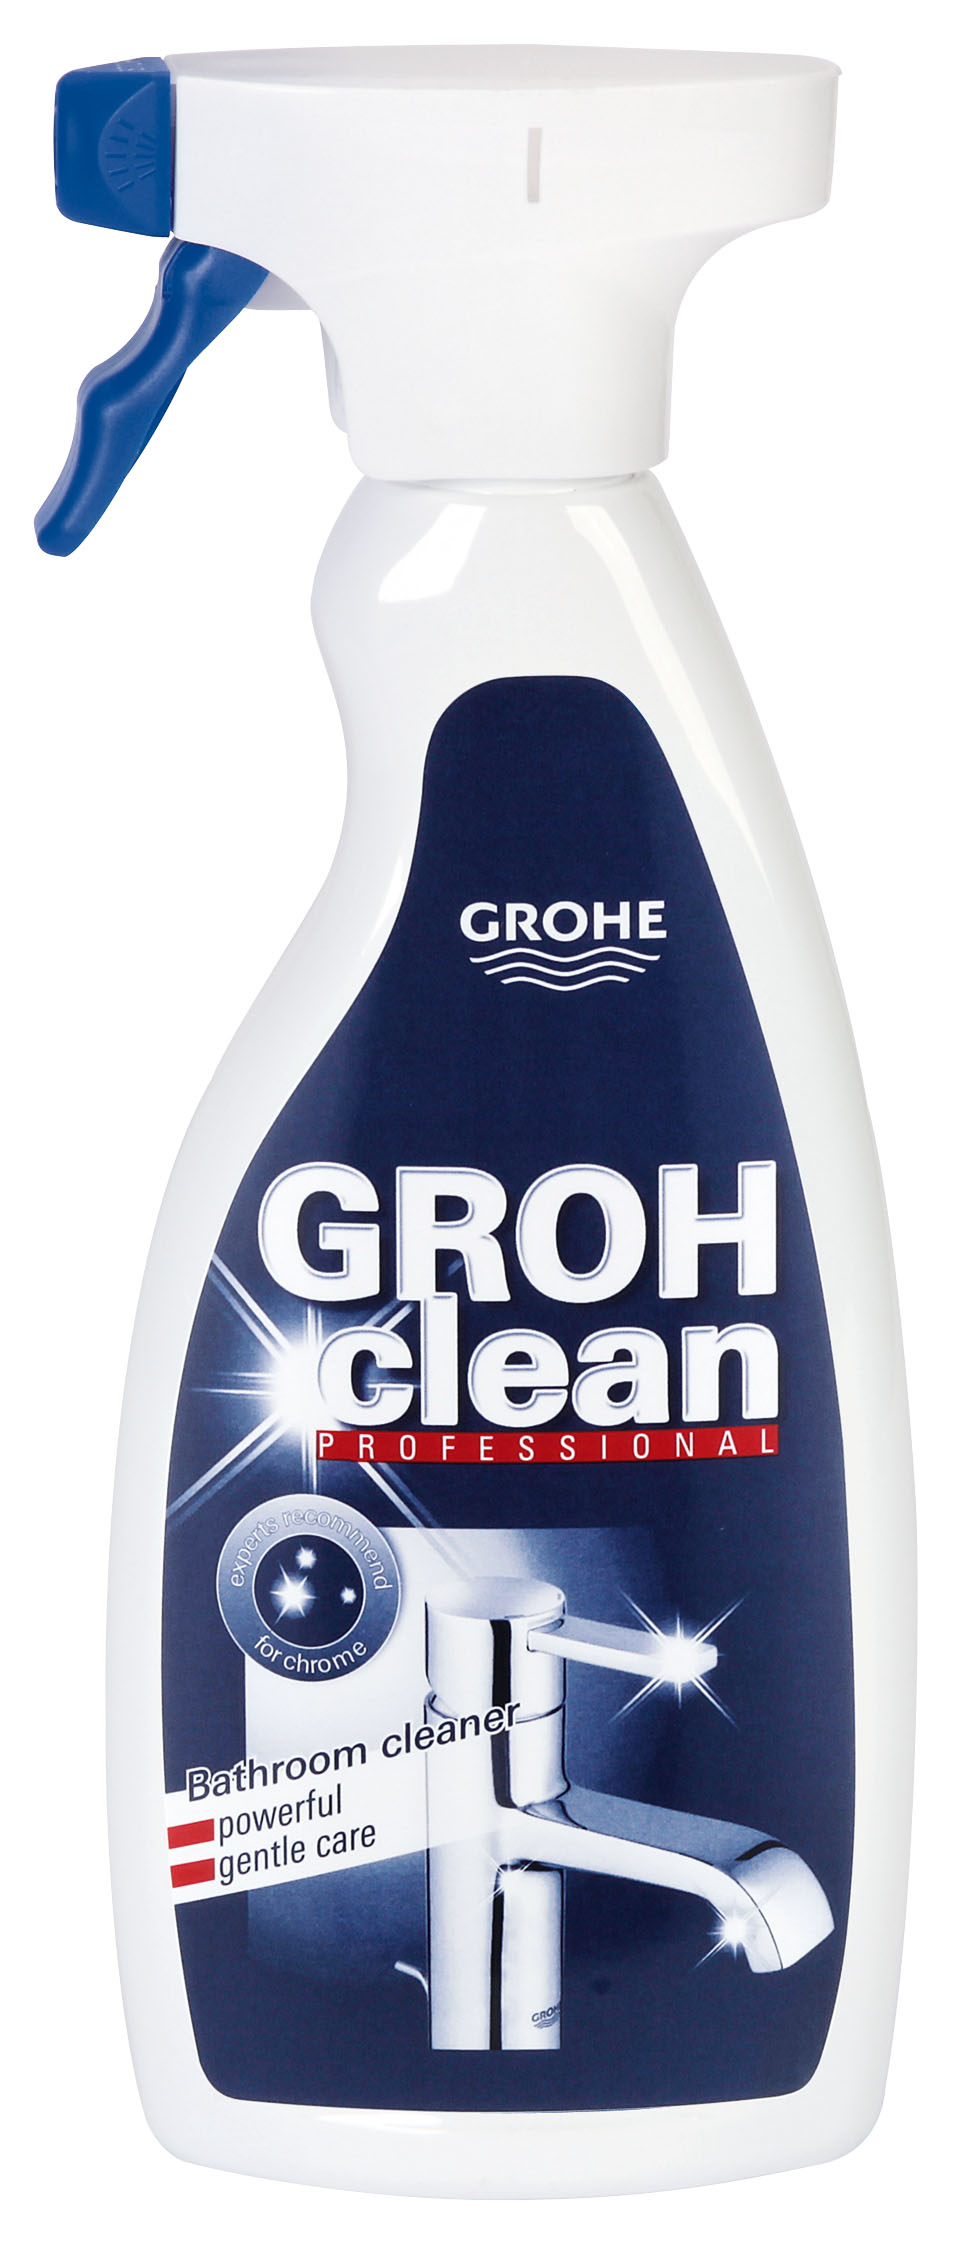 Чистящее средство для сантехники Grohe GROHclean Professional, универсальное, 500 мл48166000GROHclean - чистящее средство для сантехники и ванной комнаты.Устраняет:· Известковый налет, · Водяные пятна, · Грязь, · Жир· Остатки мыла в ванной, туалете и на кухне.GROHclean основан на лимонной кислоте и является идеальным чистящим средством для смесителей, аксессуаров, ванн, керамики, душевых кабин и плитки.Применение: GROHclean нанести губкой, щеточкой или тряпочкой на поверхность и дать некоторое время подействовать. Затем тщательно смыть водой.Примечание:Не допускать попадания GROHclean в руки детей, несмотря на надежное крепление пульверизатора. Так как GROHclean основан на лимонной кислоте, он не может применяться для чистки материалов, чувствительных к действию кислот, таких как мрамор, терраццо и некоторых видов эмали.Идеально сочетается с патентованными технологиями обработки поверхностей Grohe: GROHE ProGuard, GROHE HyperClean, AQUACERAMIC, GROHE StarLight, SuperSteel500 мл в бутылке с пульверизаторомИнструкция на нескольких языках: RU, DE, EN, FR, ES, IT, NL, DK, UA, PL, GR, ROКак выбрать качественную бытовую химию, безопасную для природы и людей. Статья OZON Гид